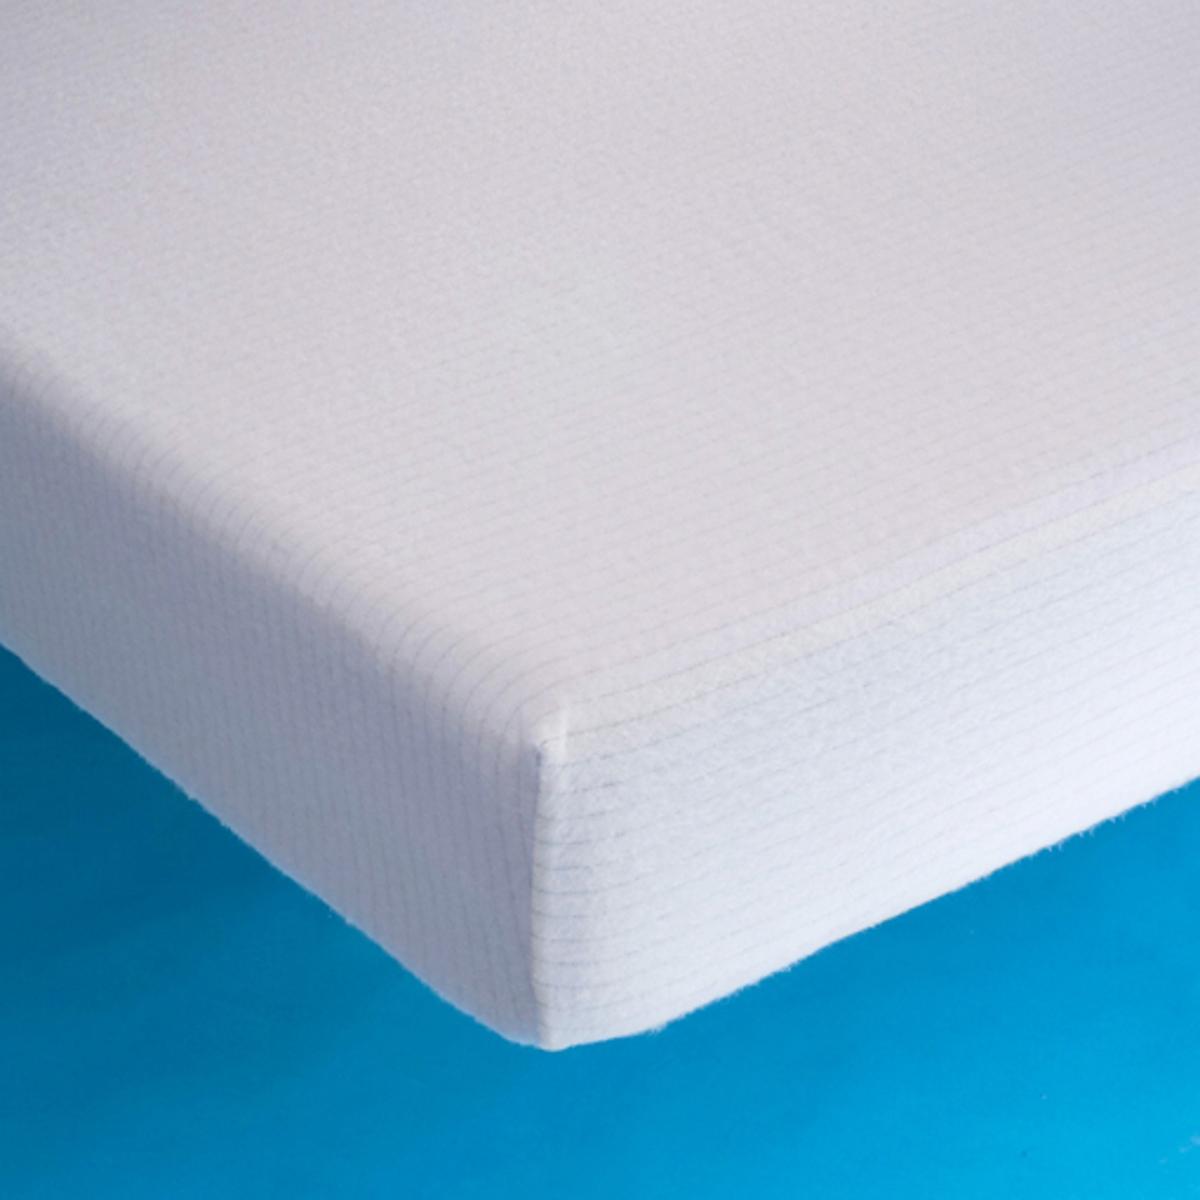 Чехол защитный для матраса из эластичного джерсиЗащитный чехол для матраса из эластичного джерси, легкий уход, комфортный и впитывающий, защищает Вашу постель от бактерий и клещей. Подстилка в форме чехла из эластичного джерси, 100% хлопок.Эластичный клапан 27 см. Машинная стирка при 60 °С для идеальной чистоты.Защитный чехол для матраса из эластичного джерси отмечен знаком VALEUR S?RE.<br><br>Цвет: белый